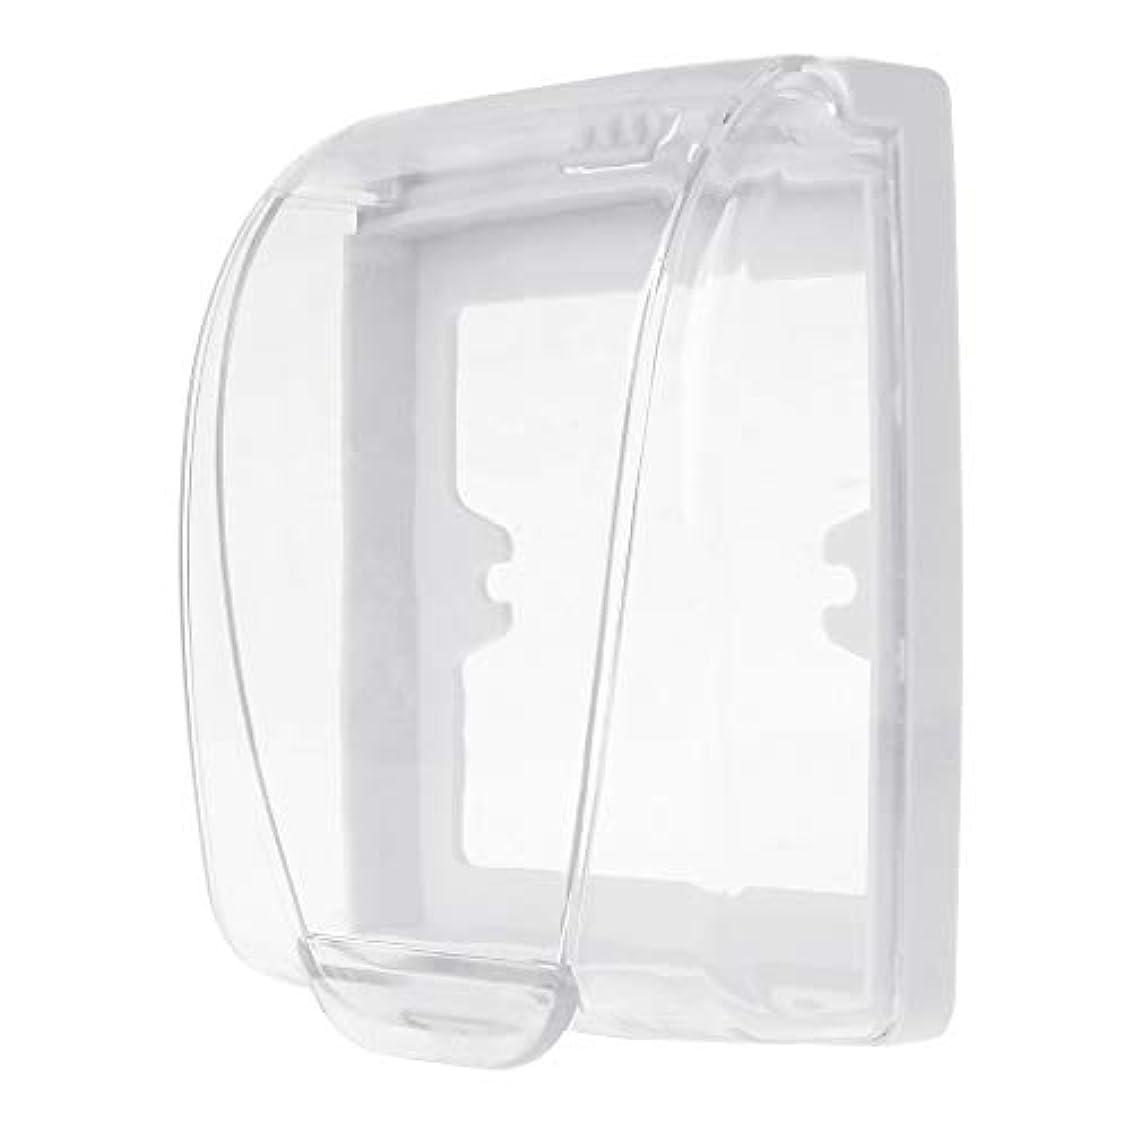 自慢銀容量Lamdooプラスチック壁防水カバーボックス壁ライトパネルソケットドアベルフリップキャップカバークリア浴室キッチンアクセサリー